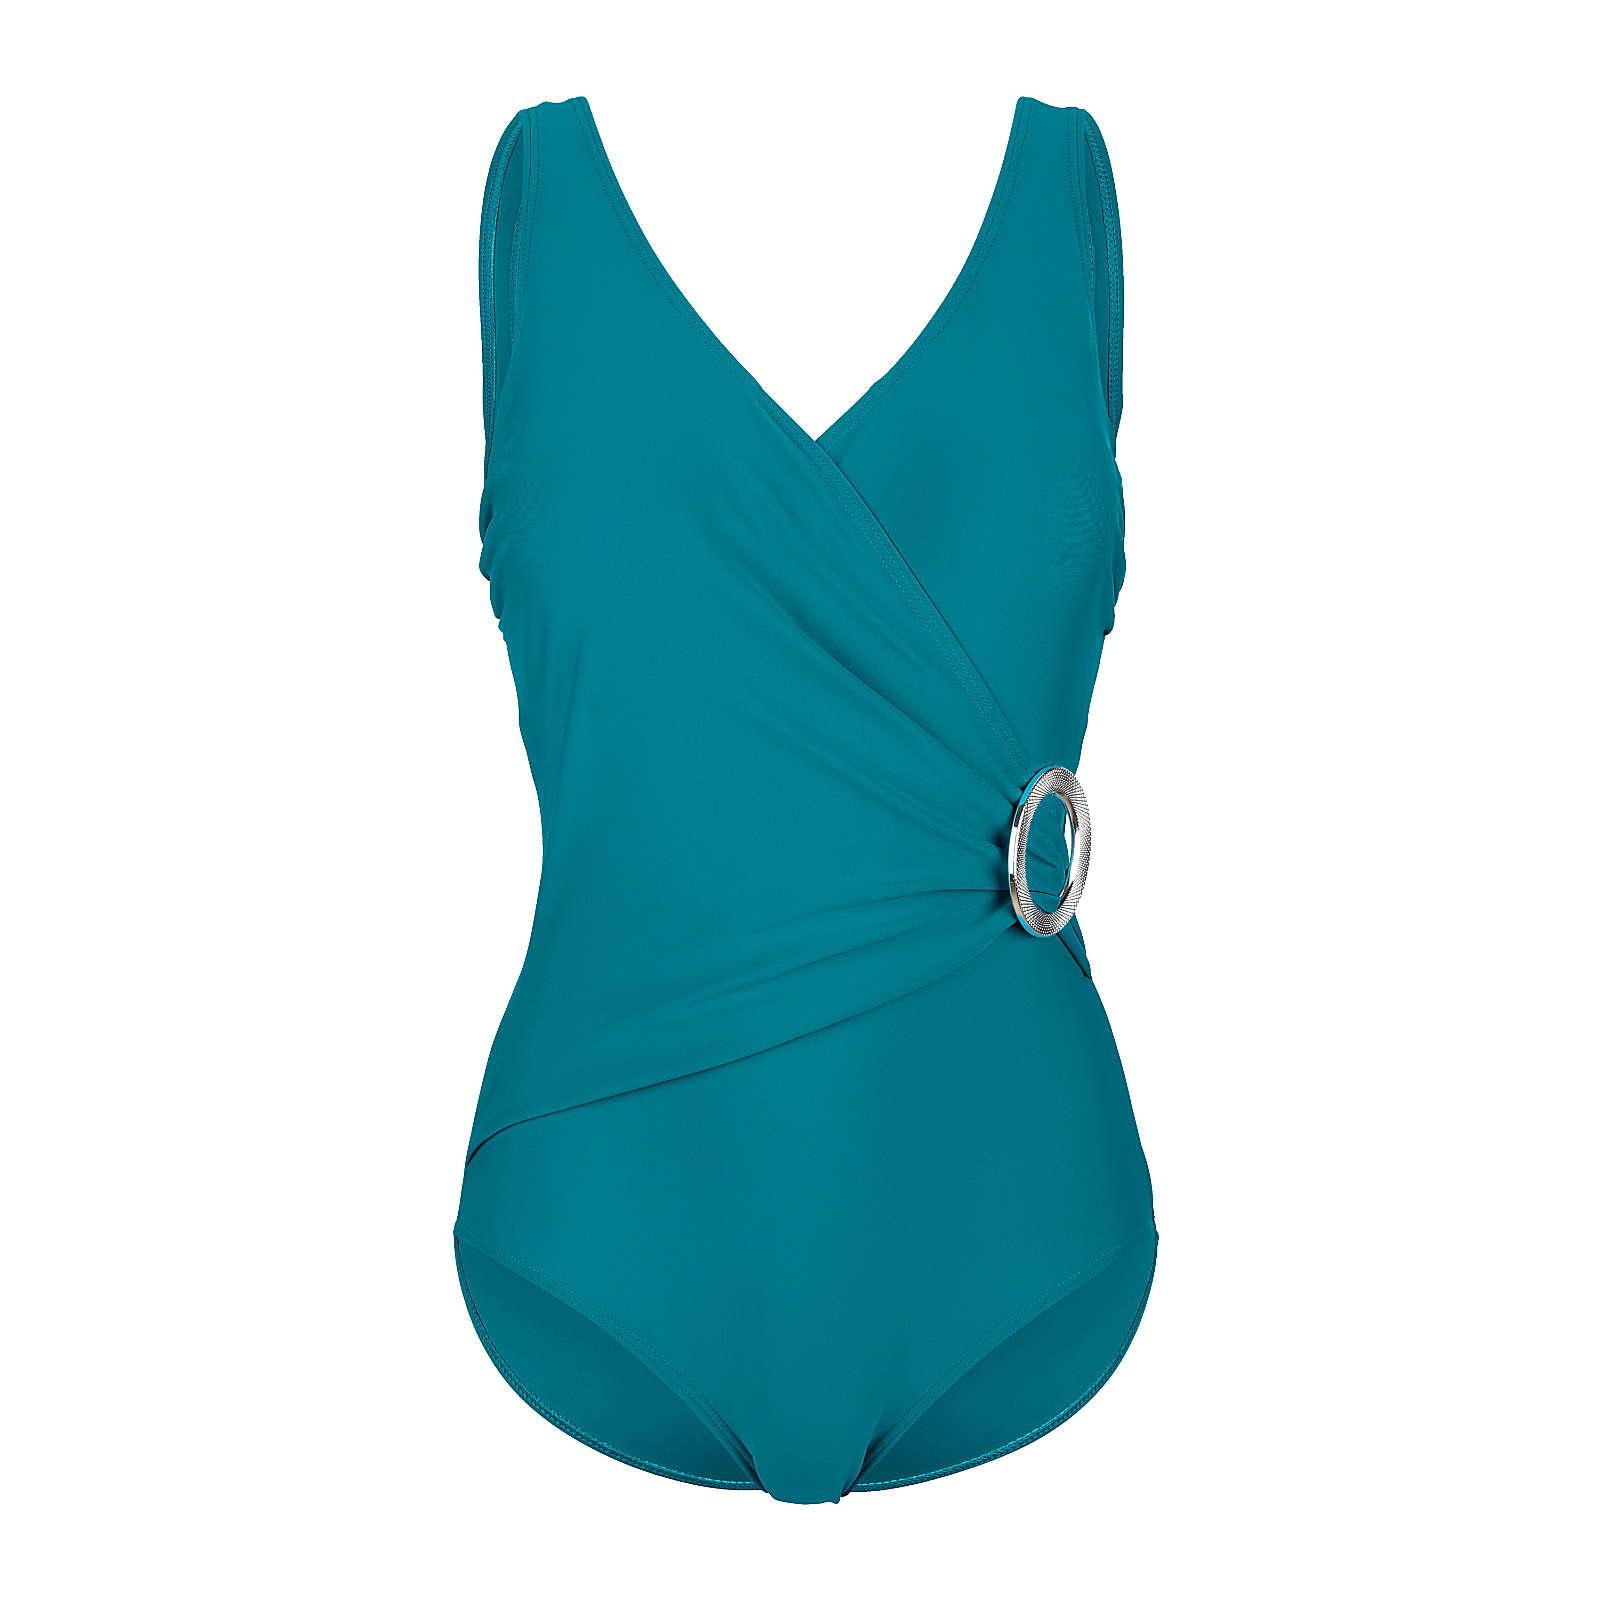 Maritim Badeanzug grün Damen Gr. 38